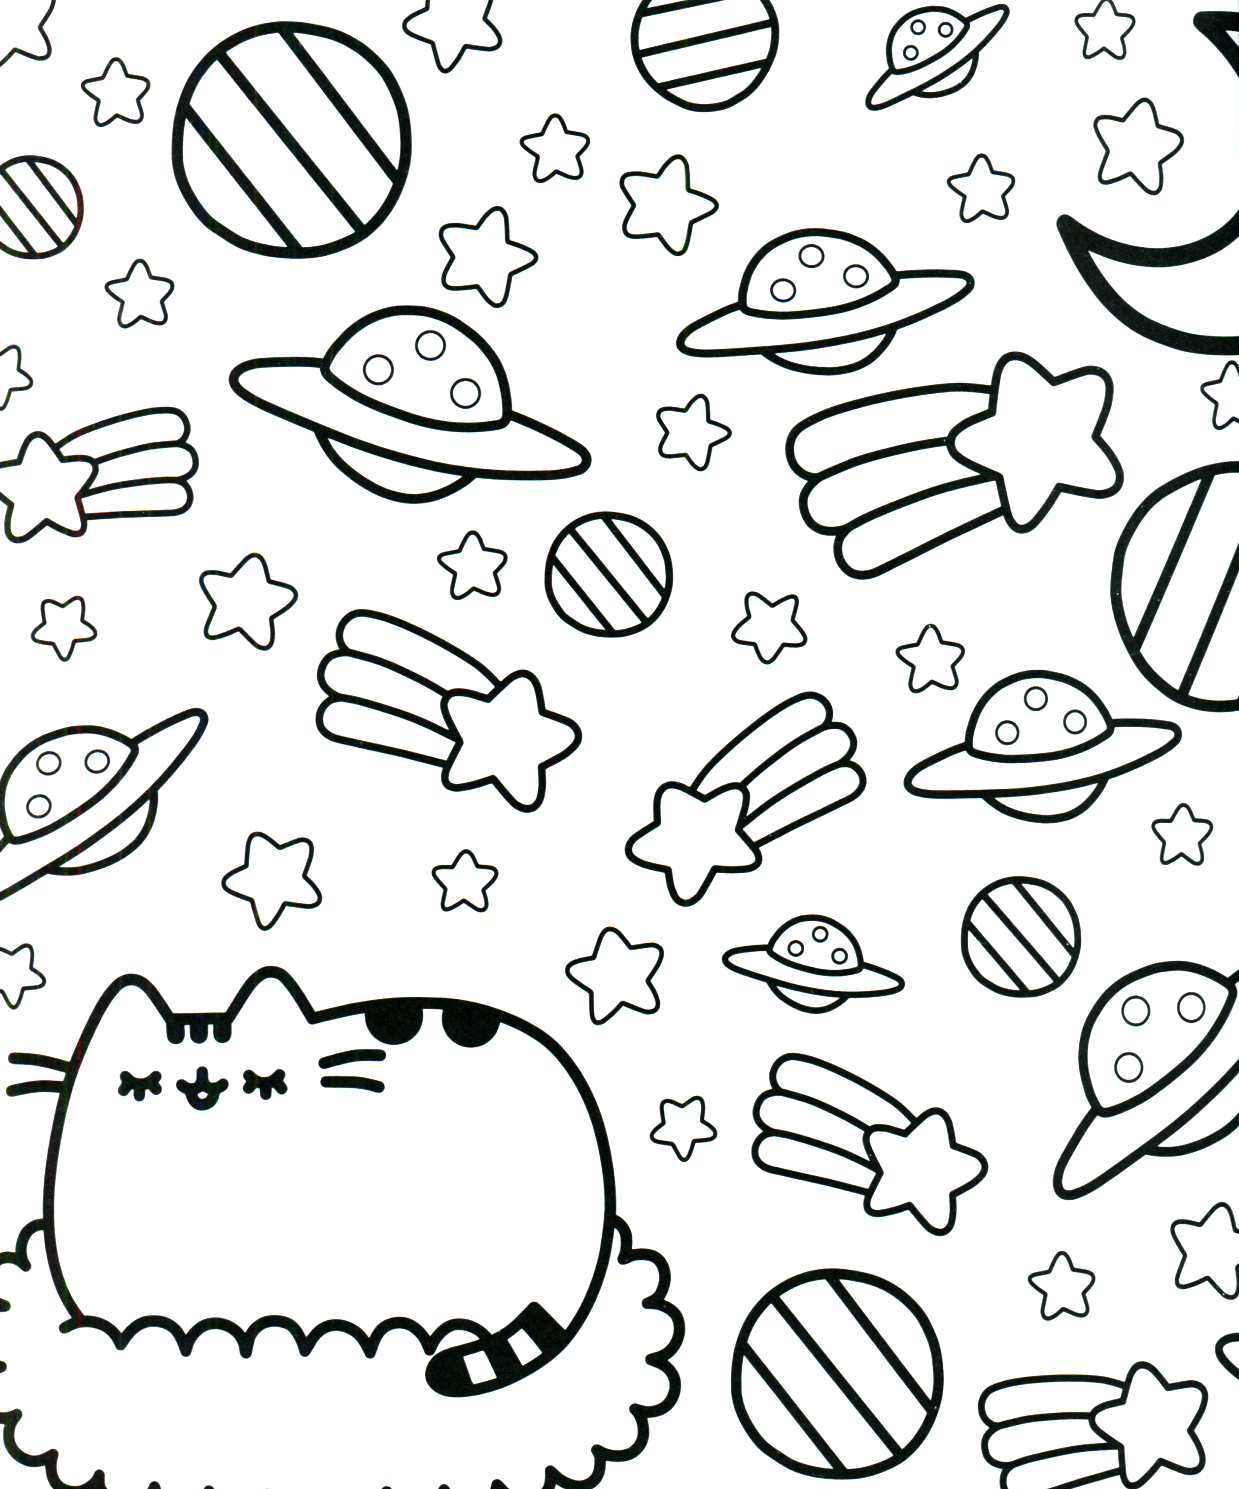 Pusheen Coloring Book Pusheen Pusheen The Cat Colouring Coloring Pages Pusheen